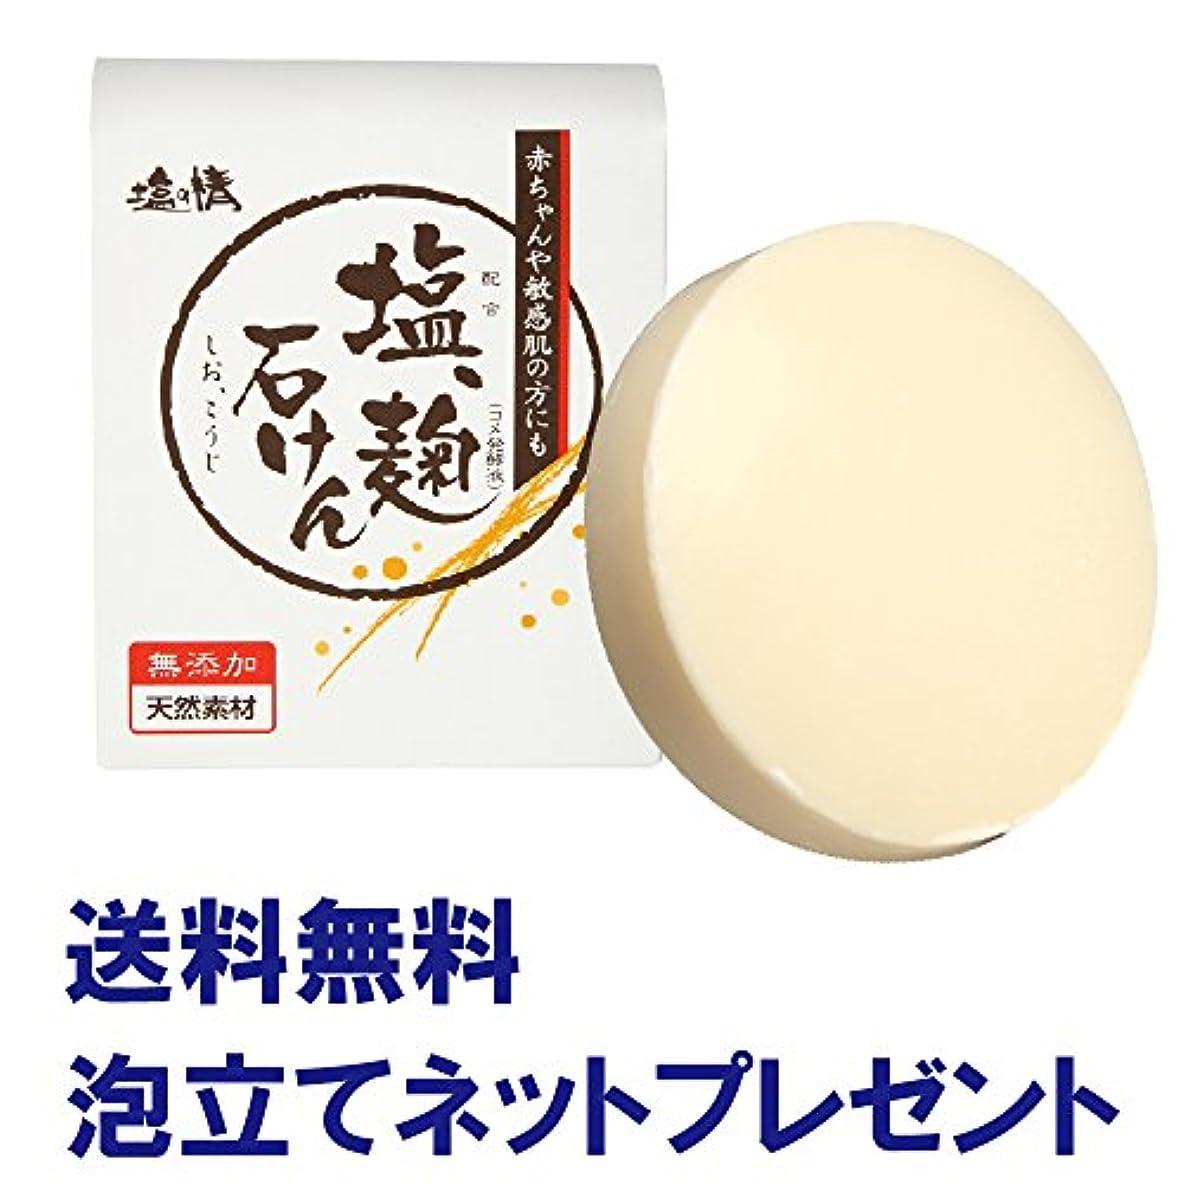 言語学コンプライアンスフェンスダイム 塩の精 無添加 塩、麹洗顔石鹸 80g 泡立てネットプレゼント